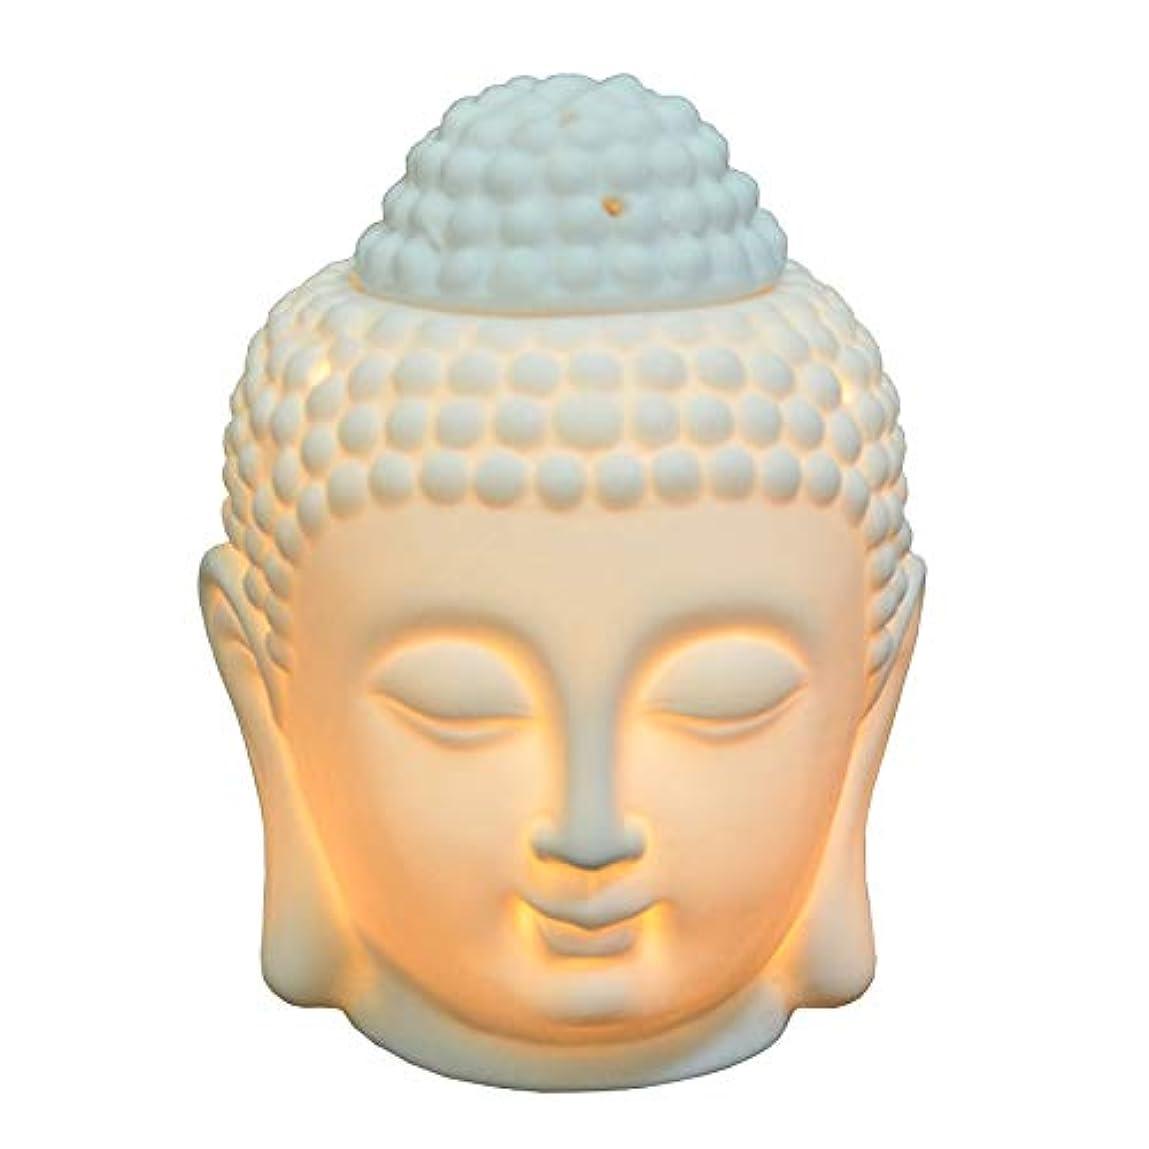 仏頭像オイルバーナー半透明セラミックアロマディフューザー家の装飾